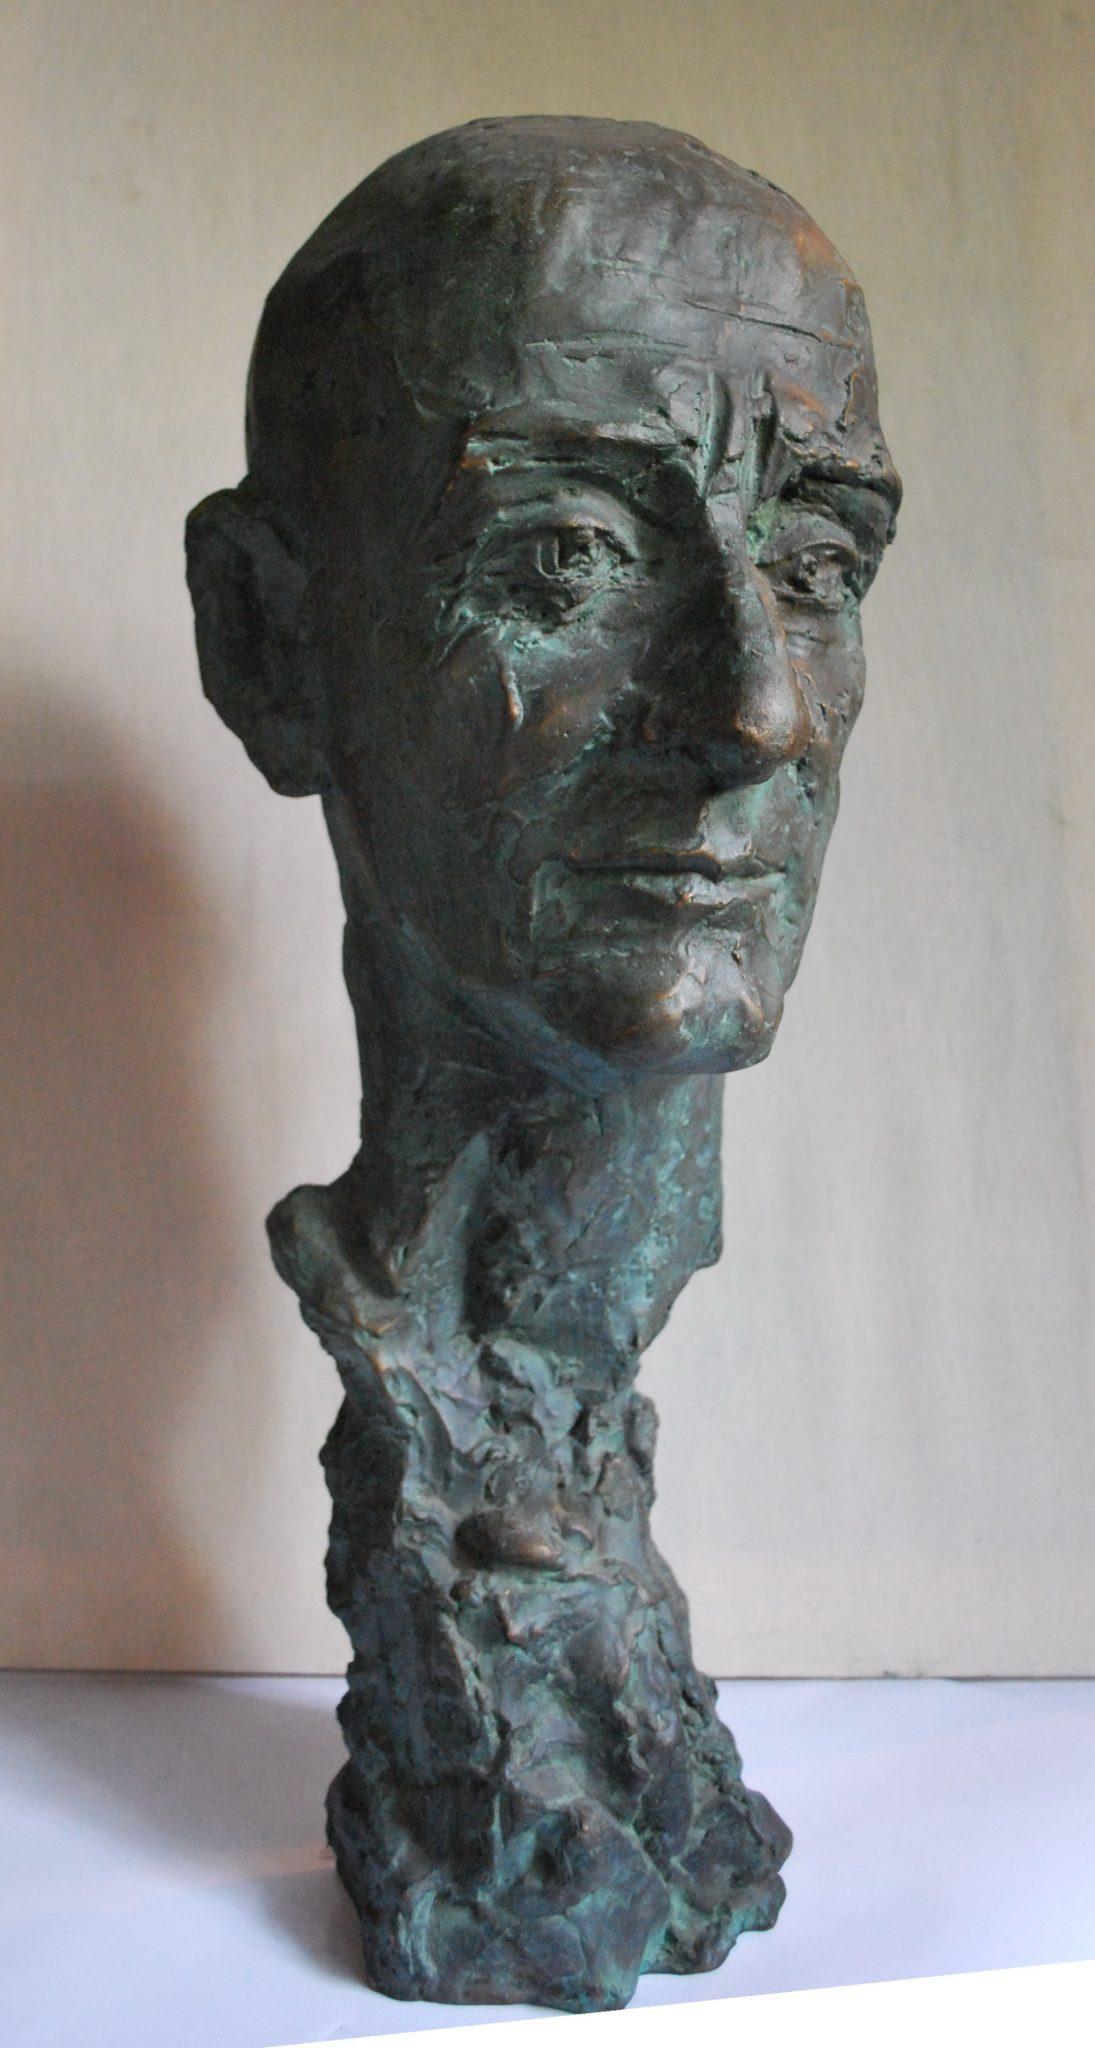 Владко Стефановский. композитор, музыкант. Македония